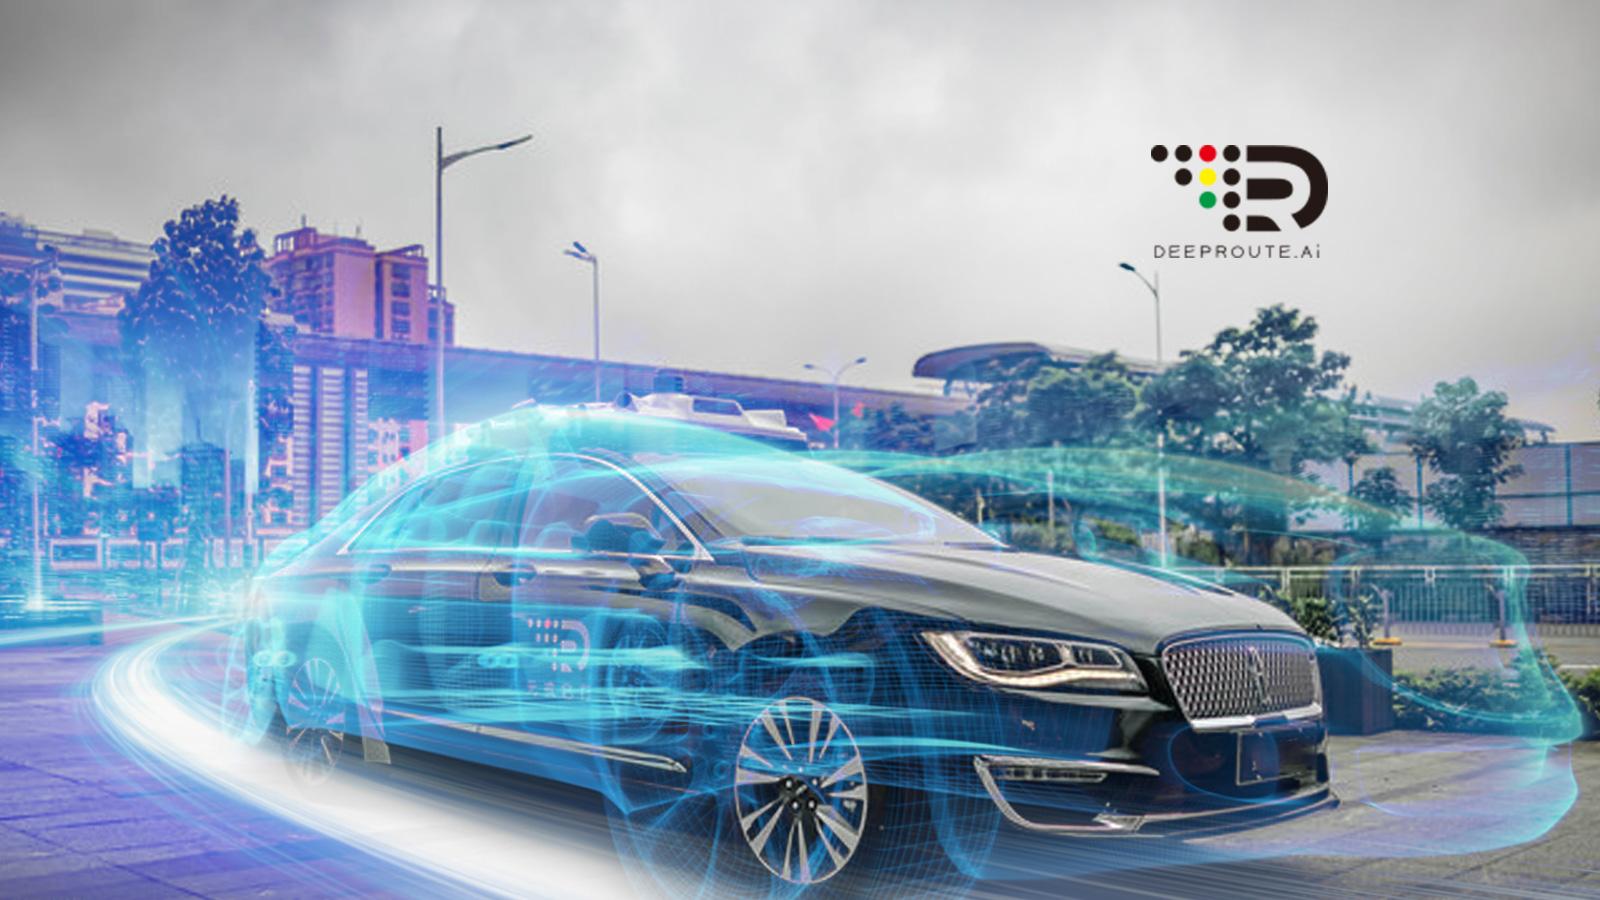 Alibaba – мировой лидер в сфере онлайн-торговли – вложила свыше 300 миллионов долларов в китайскую компанию DeepRoute.ai, разрабатывающую софт для беспилотников. Это первый шаг корпорации на пути к собственному роботакси.